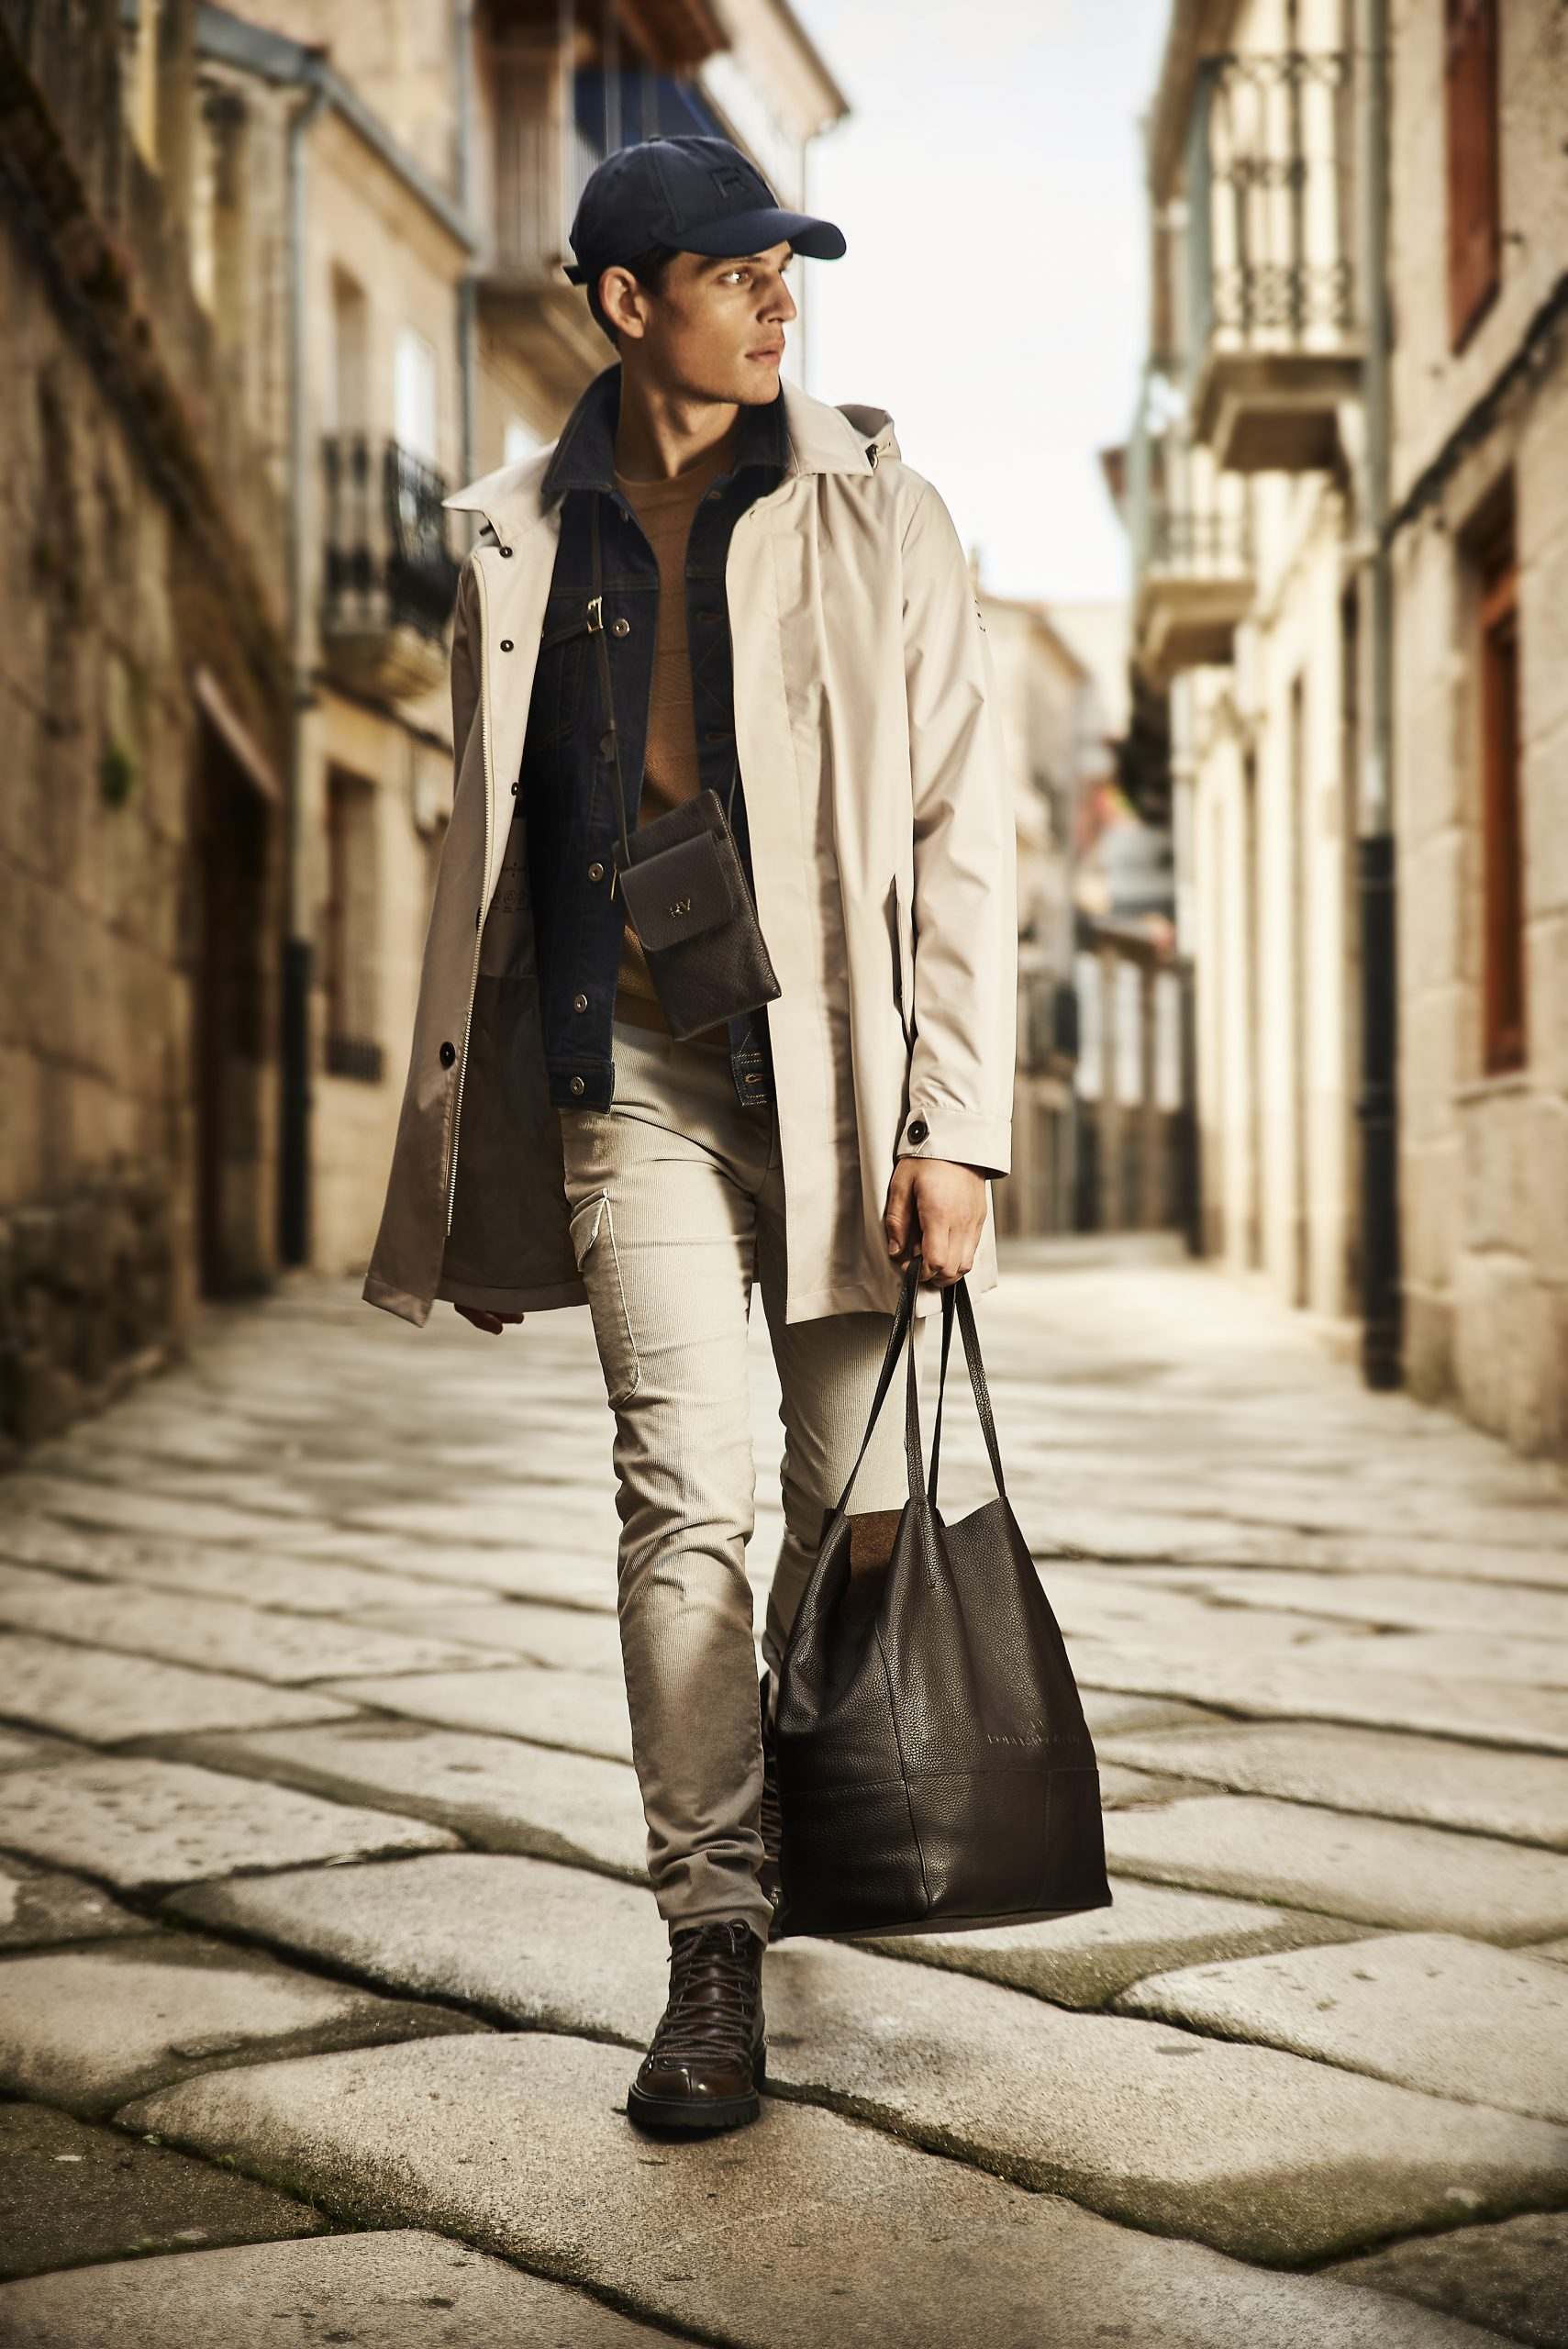 El diseñador español utiliza el camino como metáfora de vida